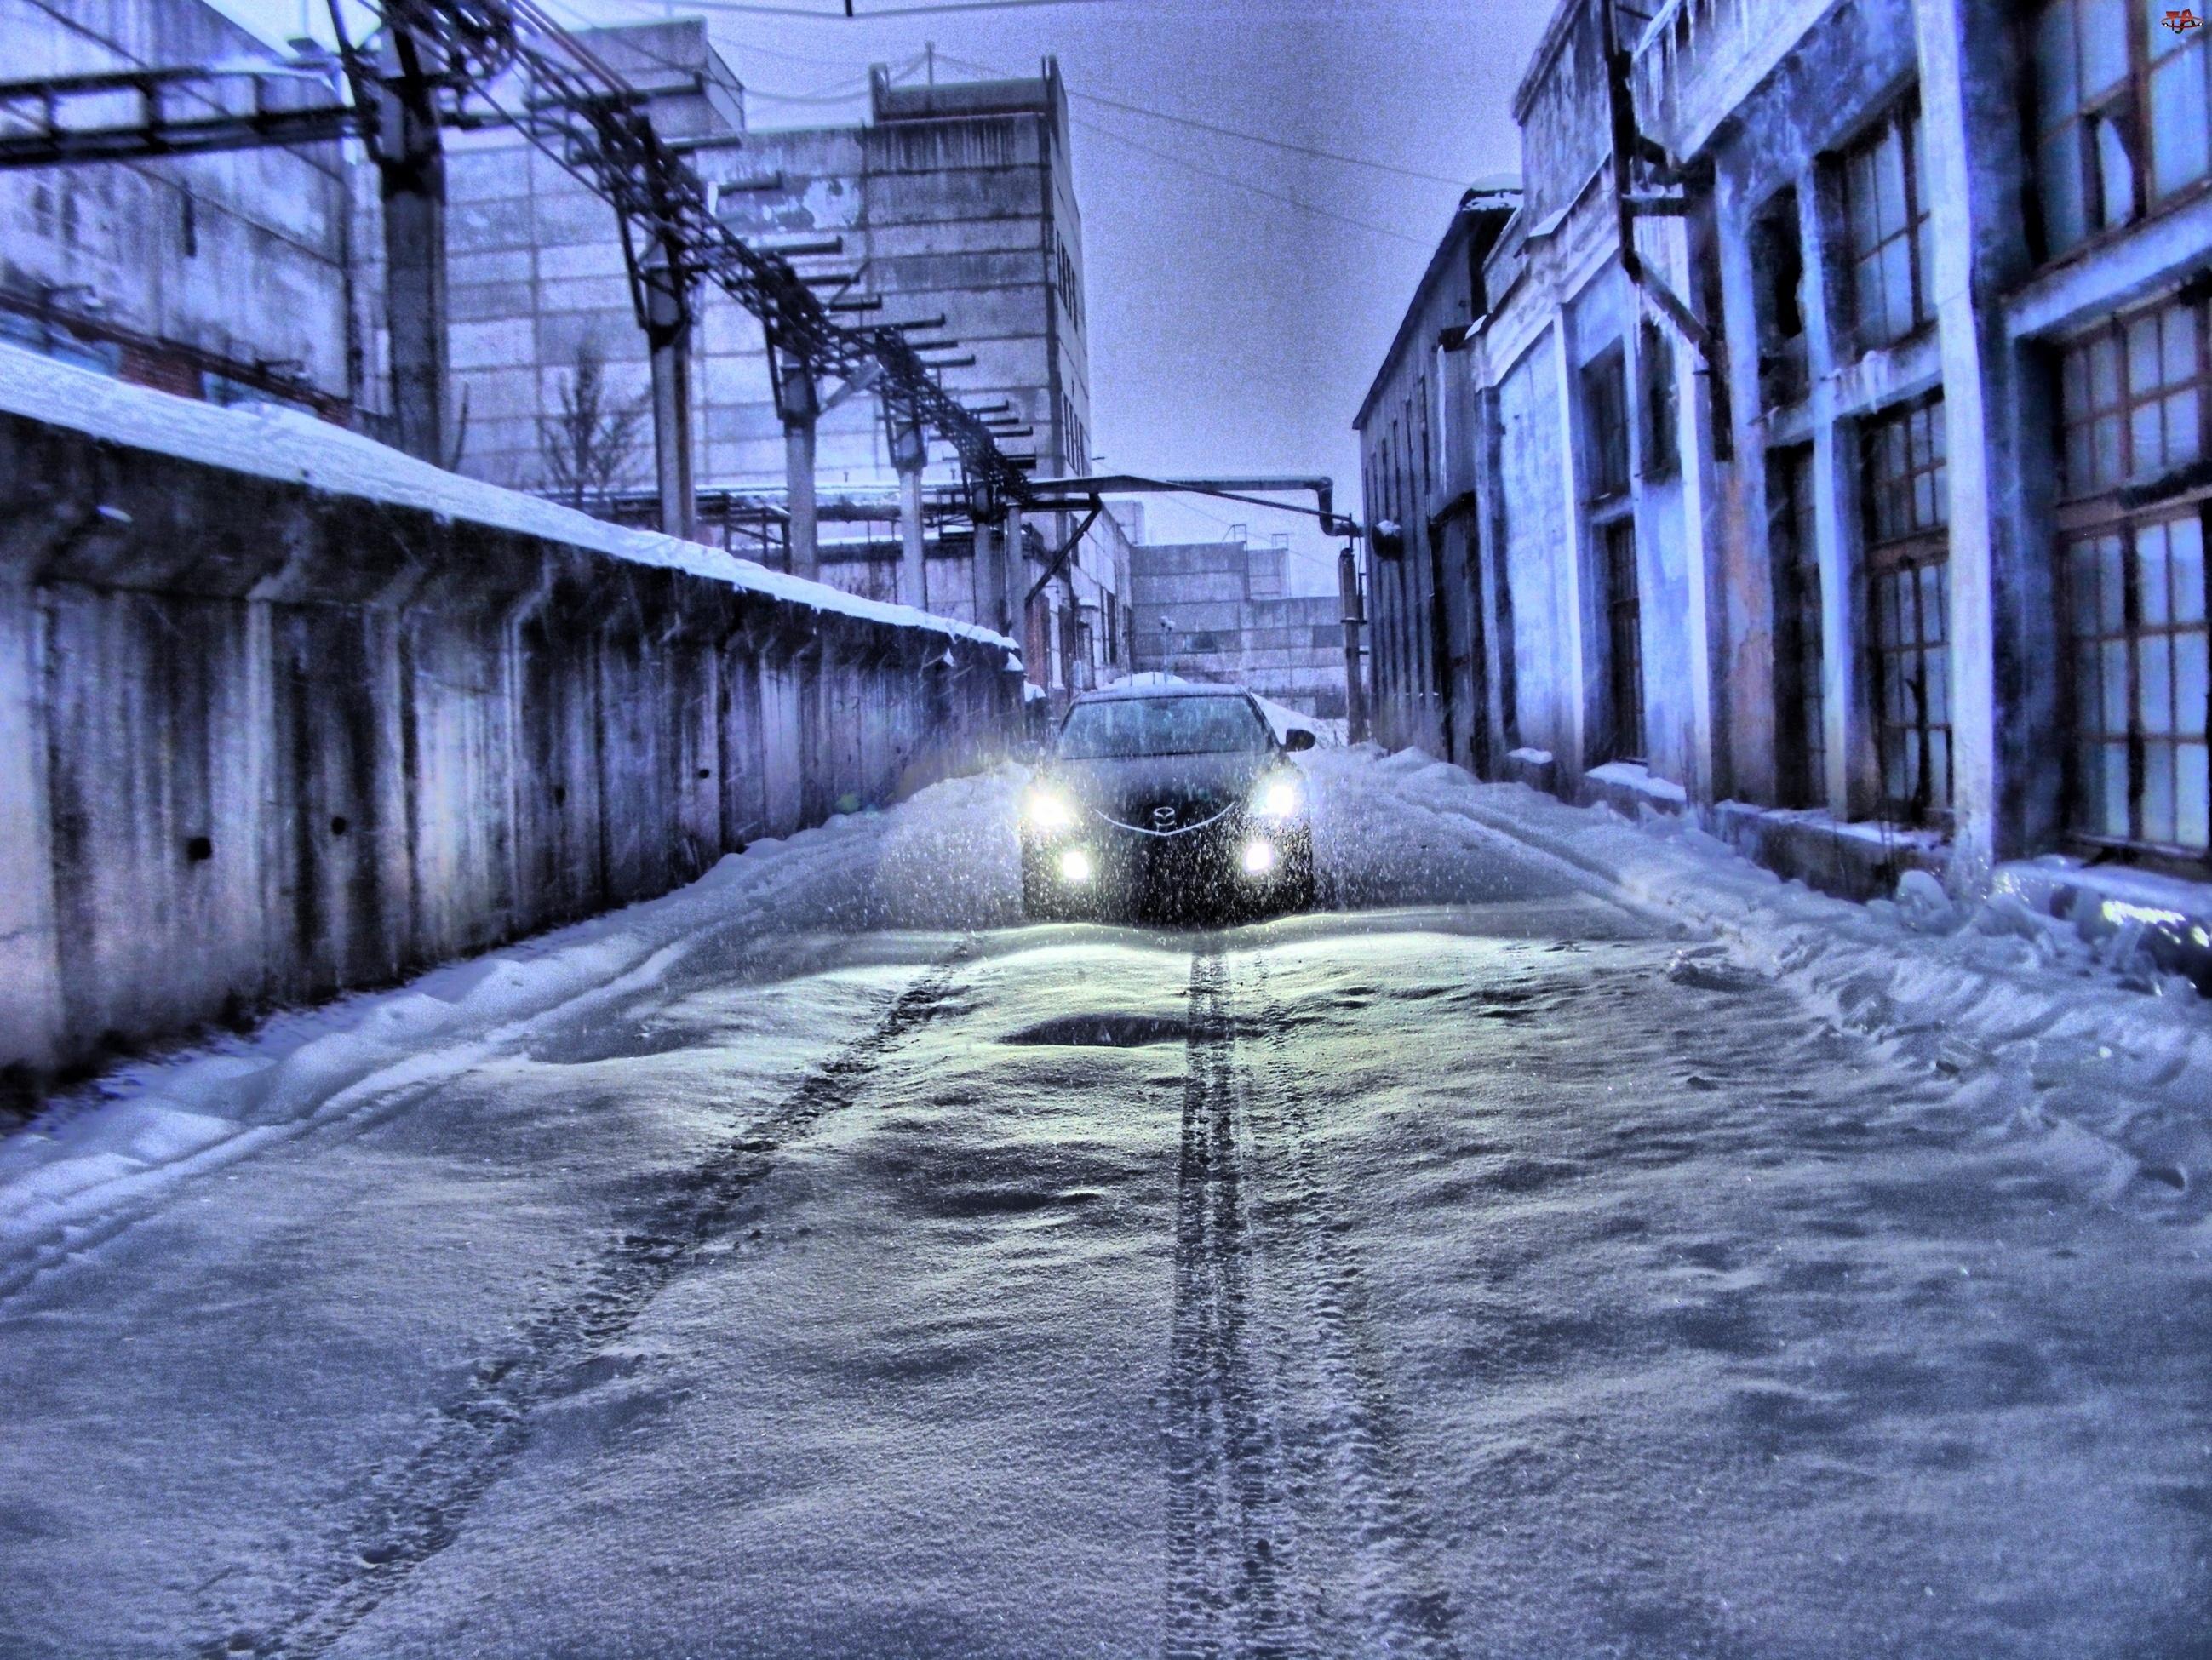 Ulica, Mazda, Ośnieżona